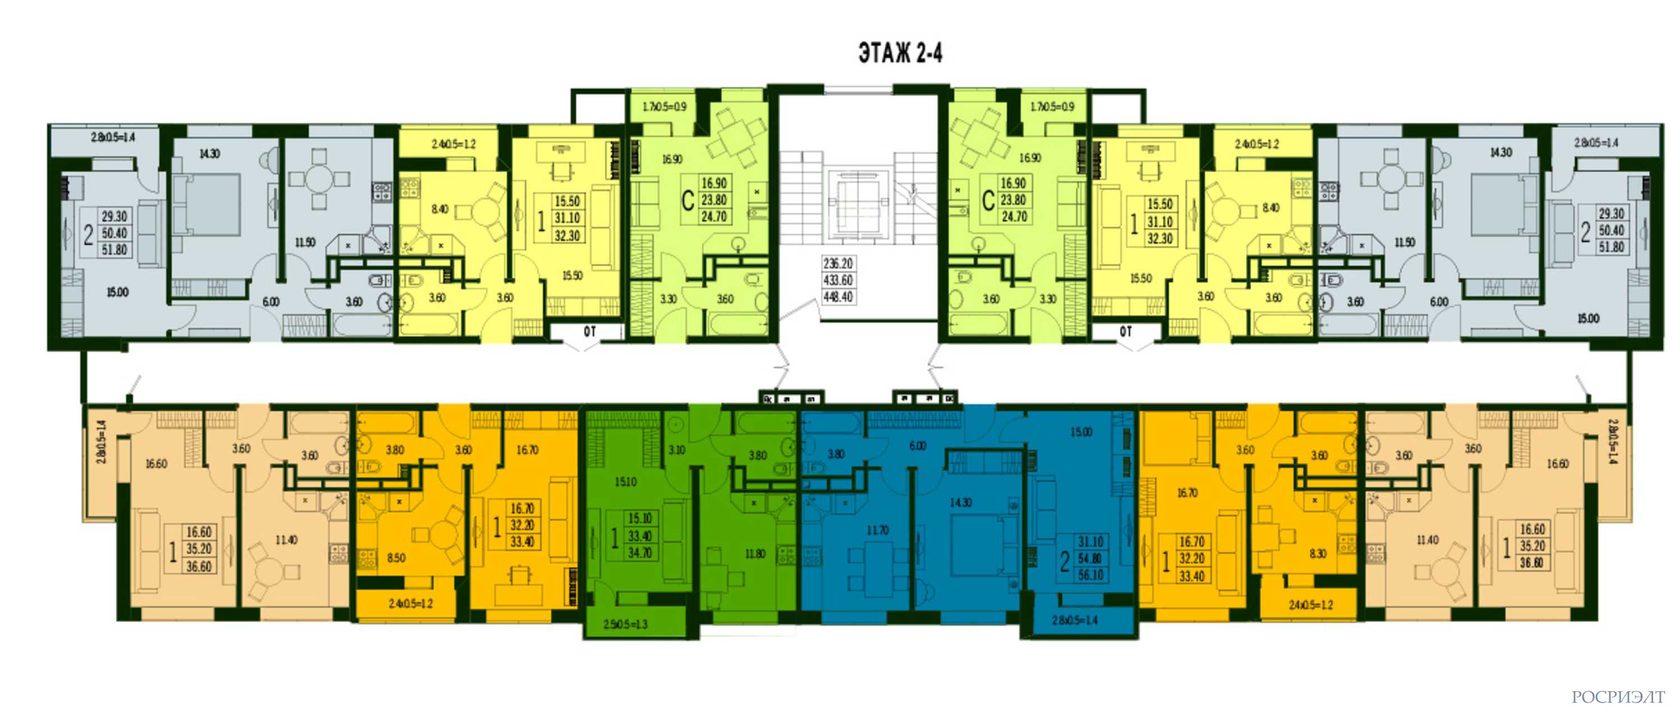 планировки 2-4 этаж ЖК Марсель 2 в Краснодаре